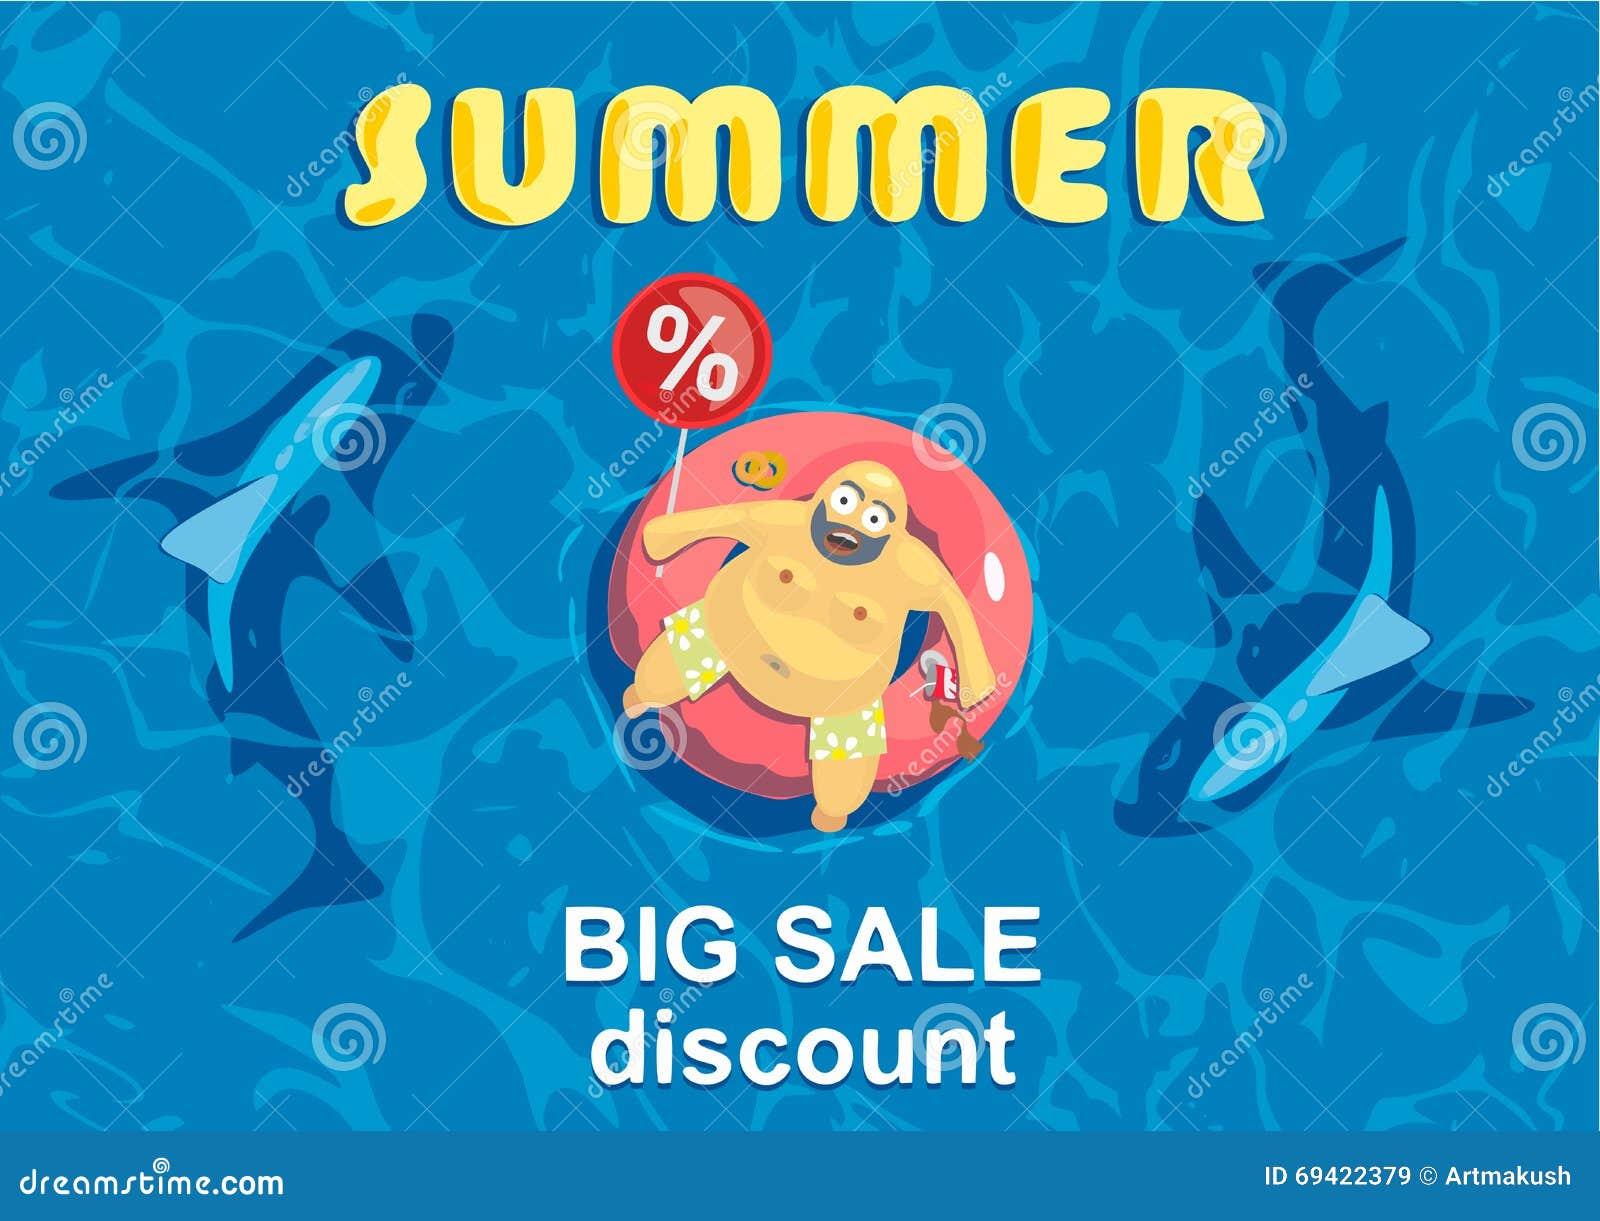 shark discount